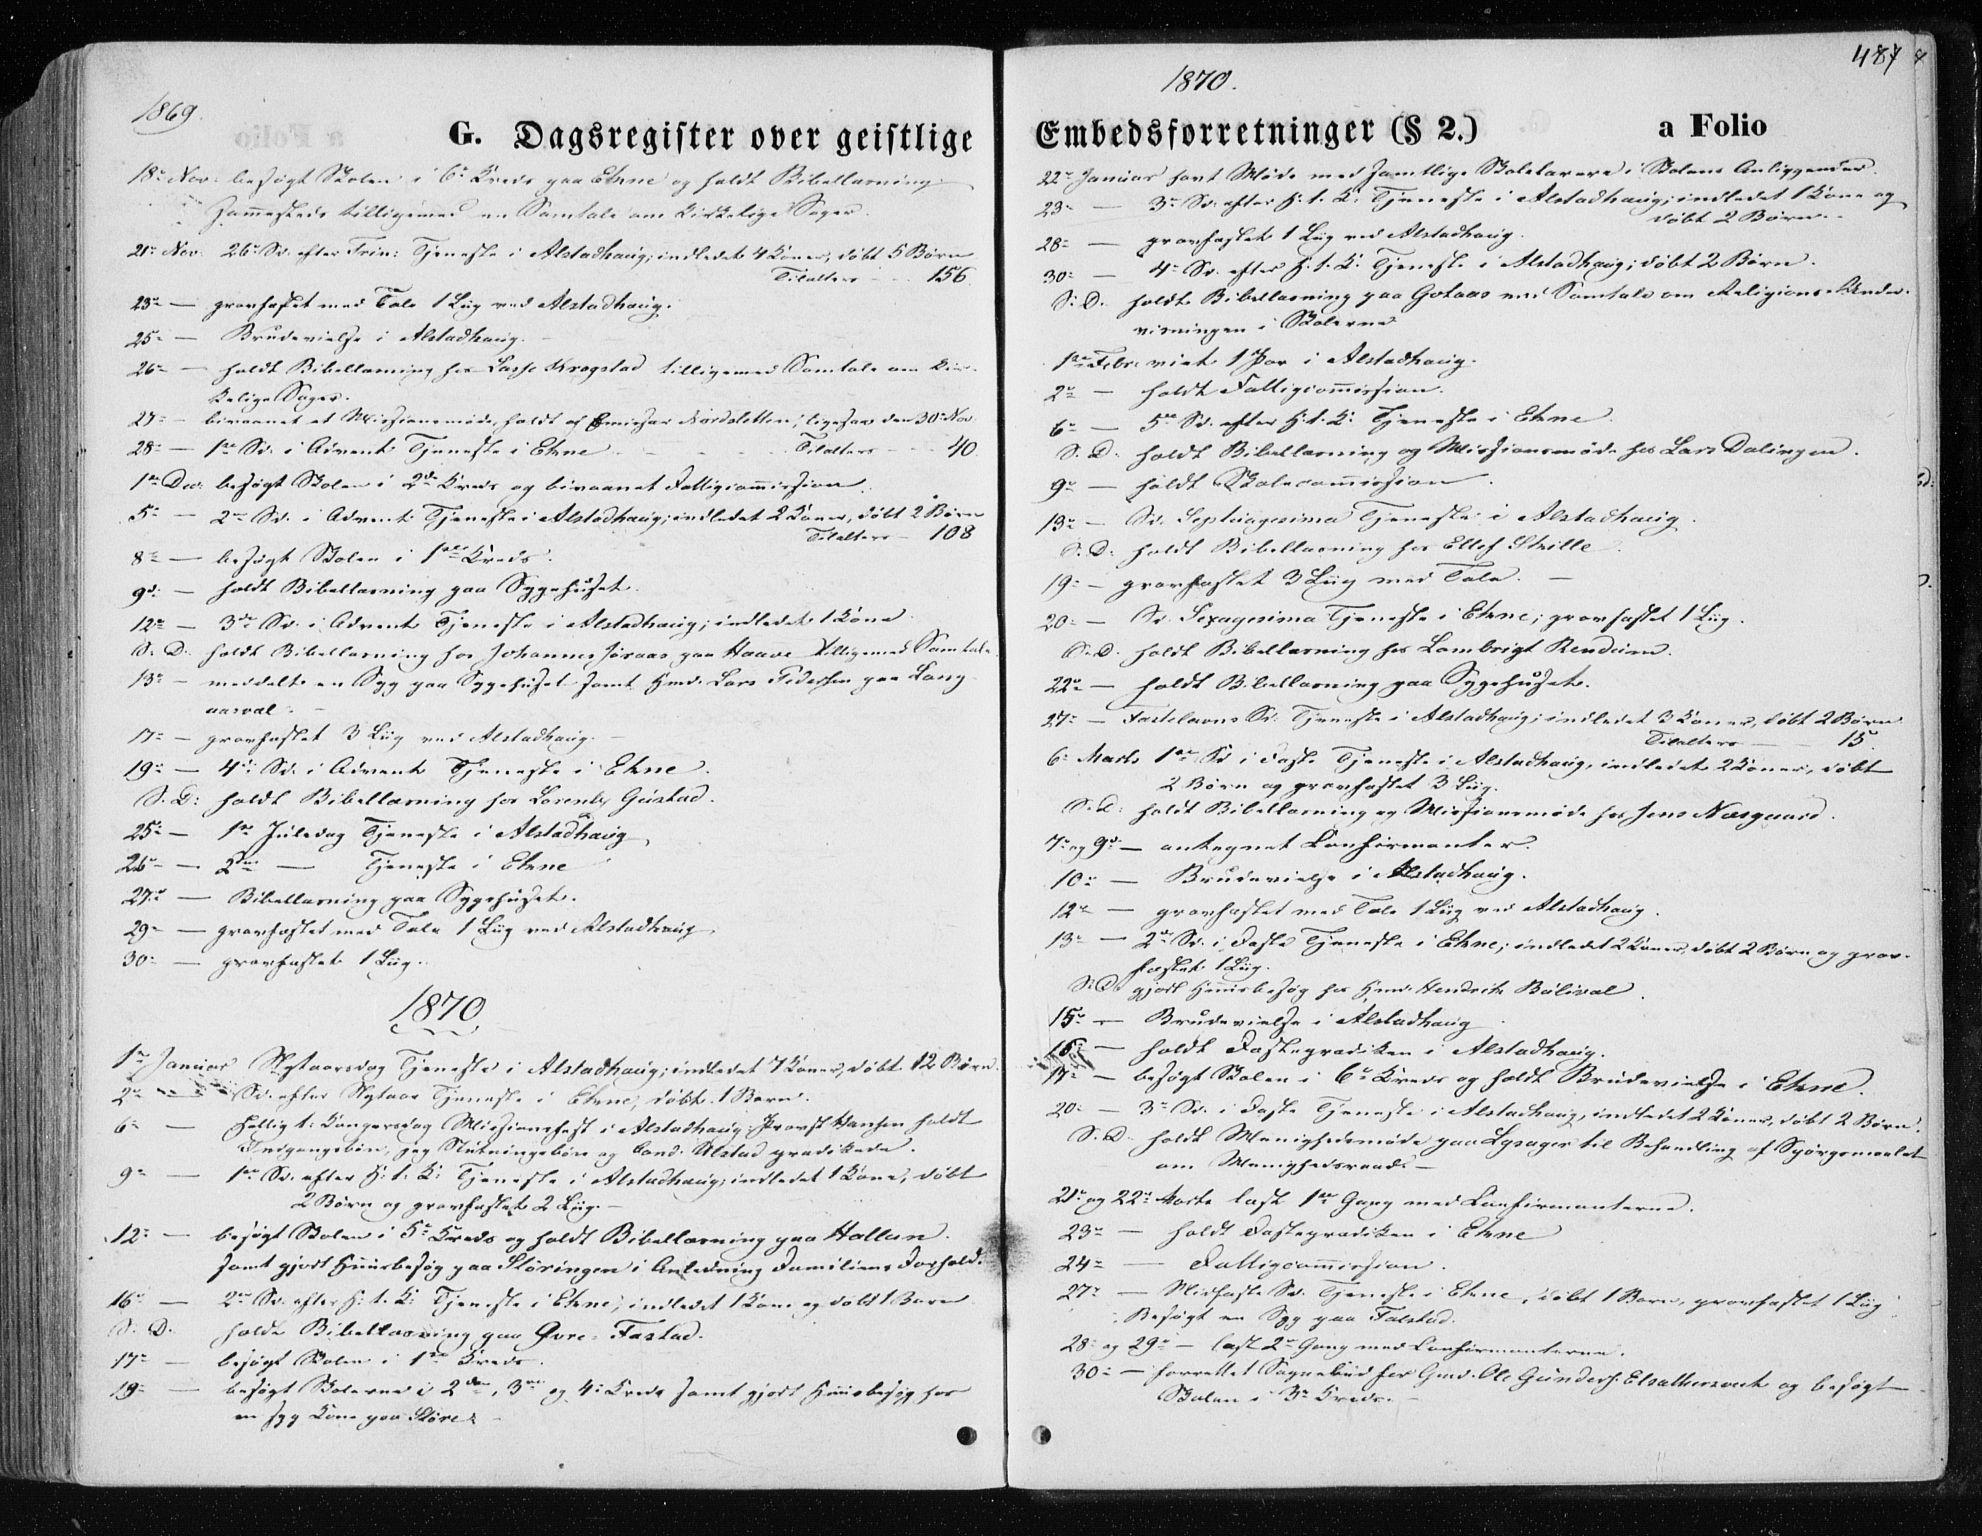 SAT, Ministerialprotokoller, klokkerbøker og fødselsregistre - Nord-Trøndelag, 717/L0157: Ministerialbok nr. 717A08 /1, 1863-1877, s. 487